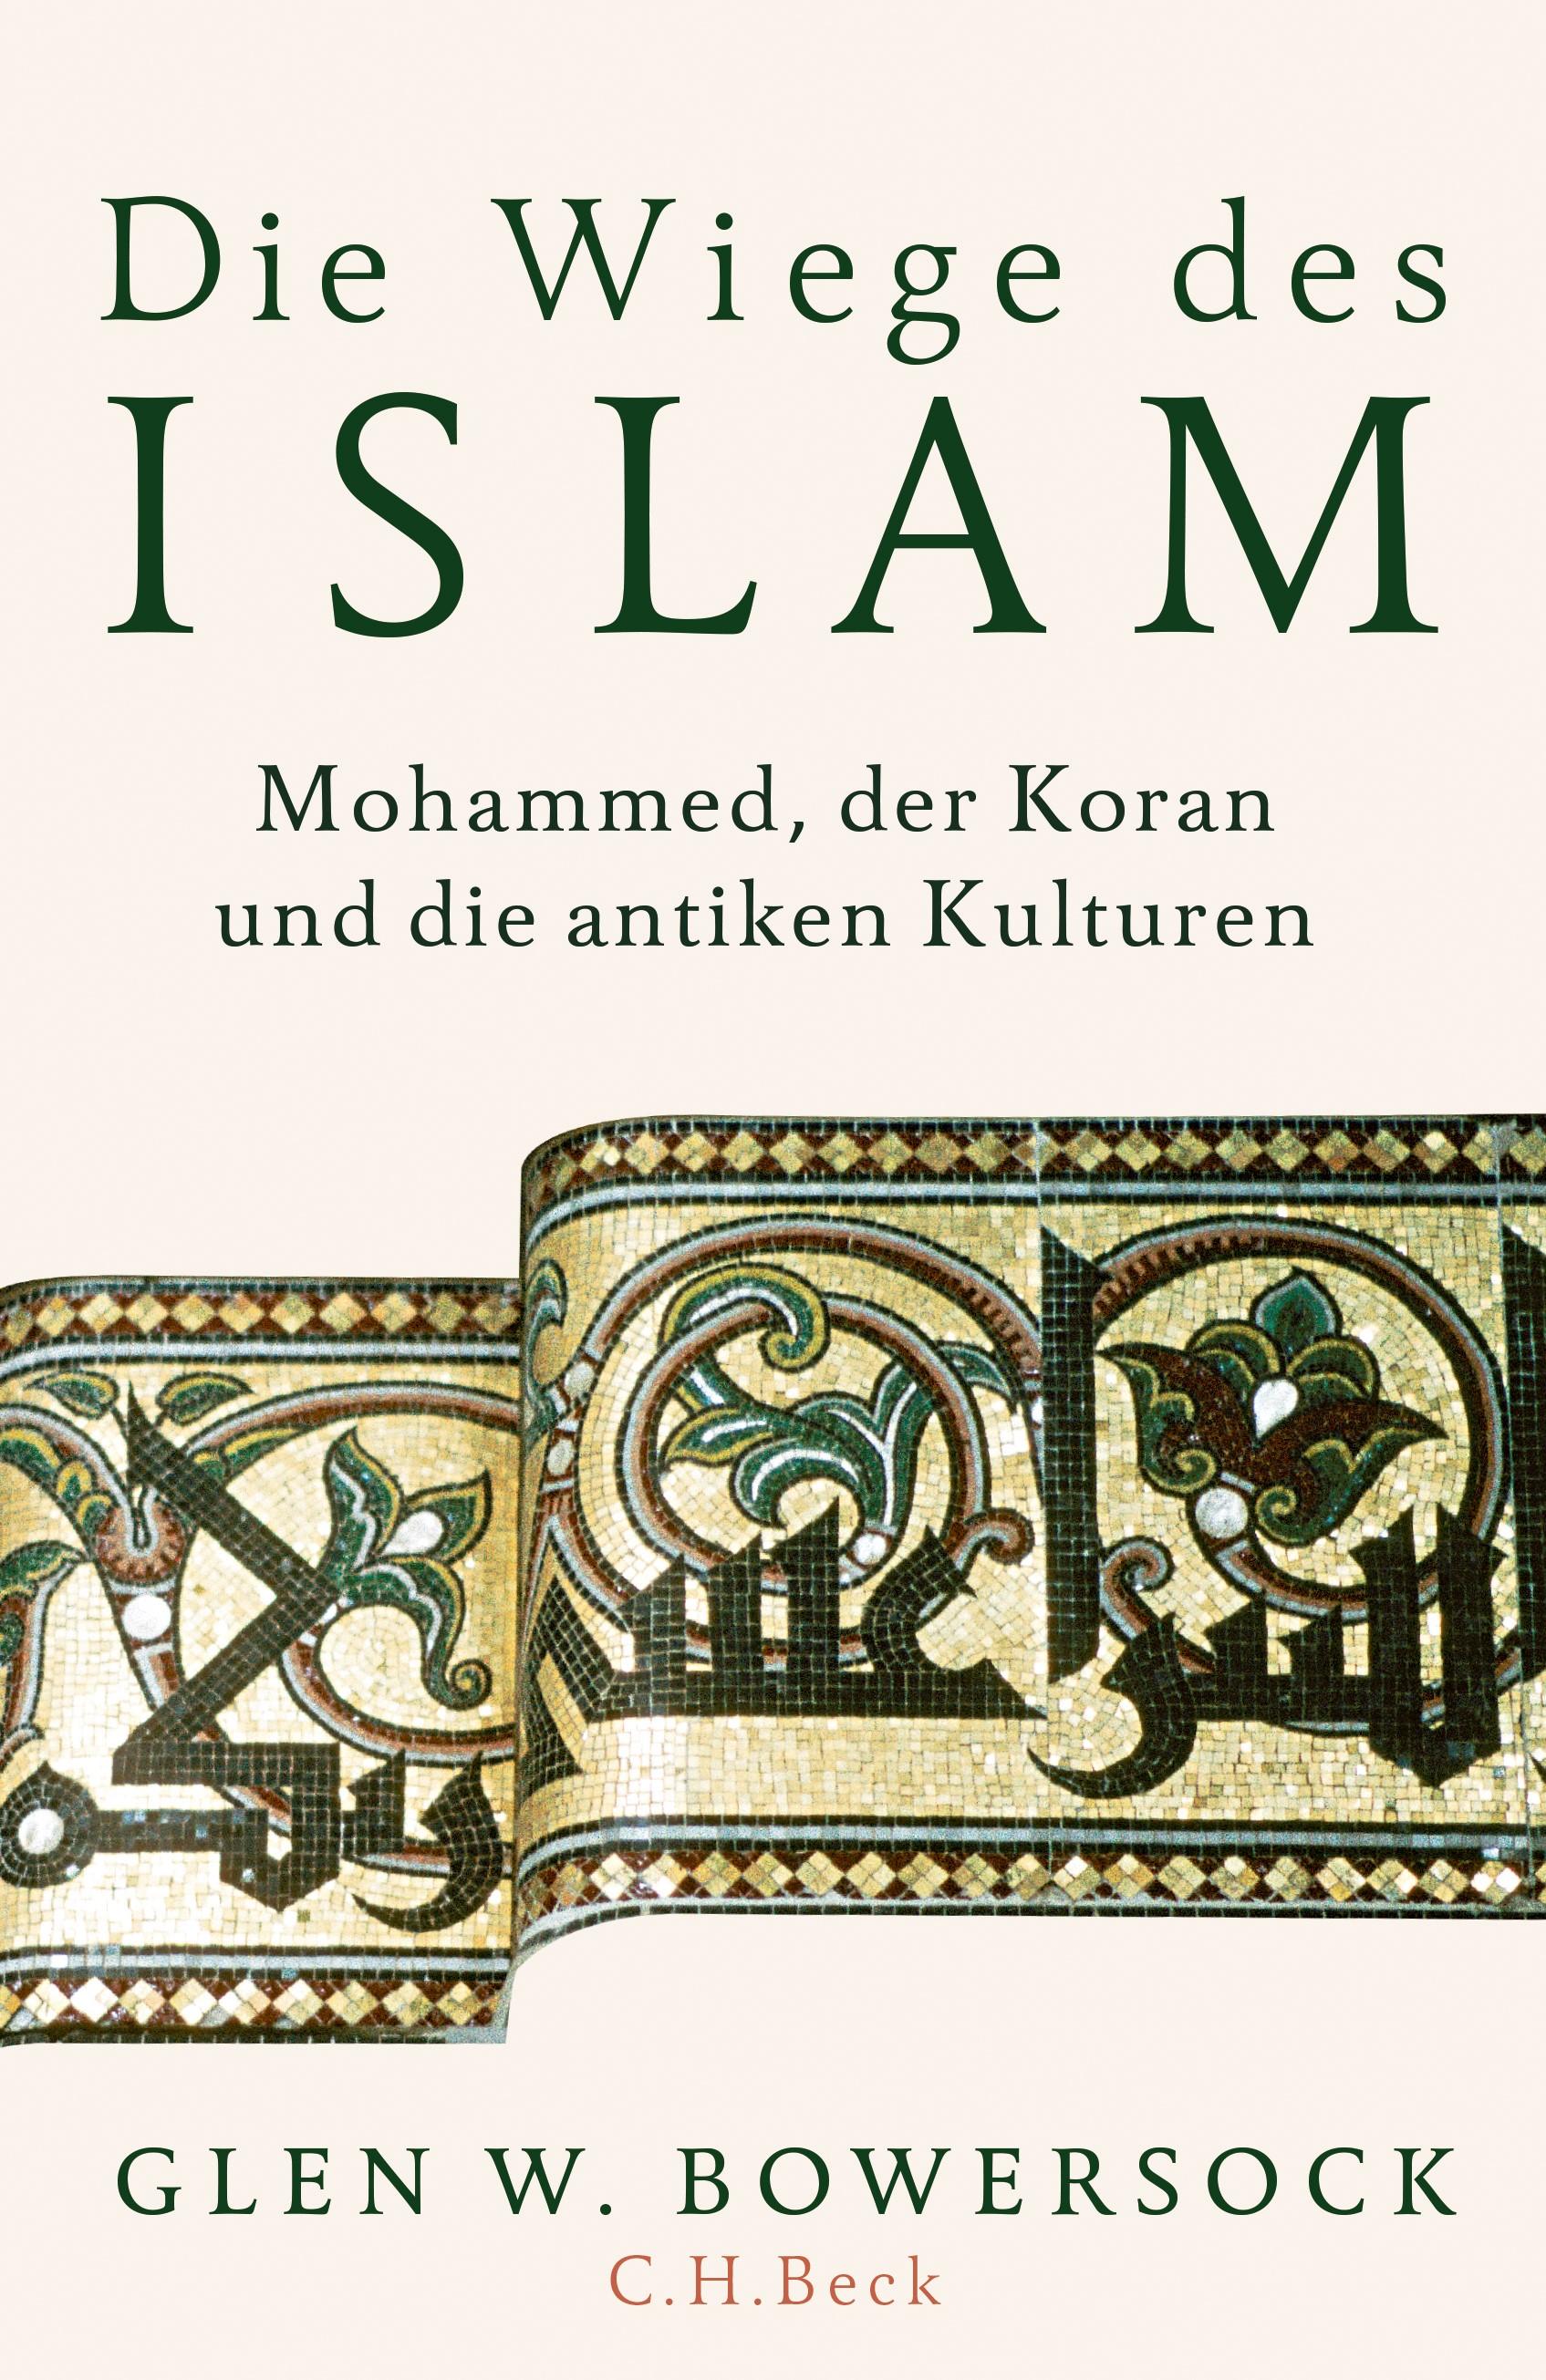 Abbildung von Bowersock, Glen W. | Die Wiege des Islam | 2019